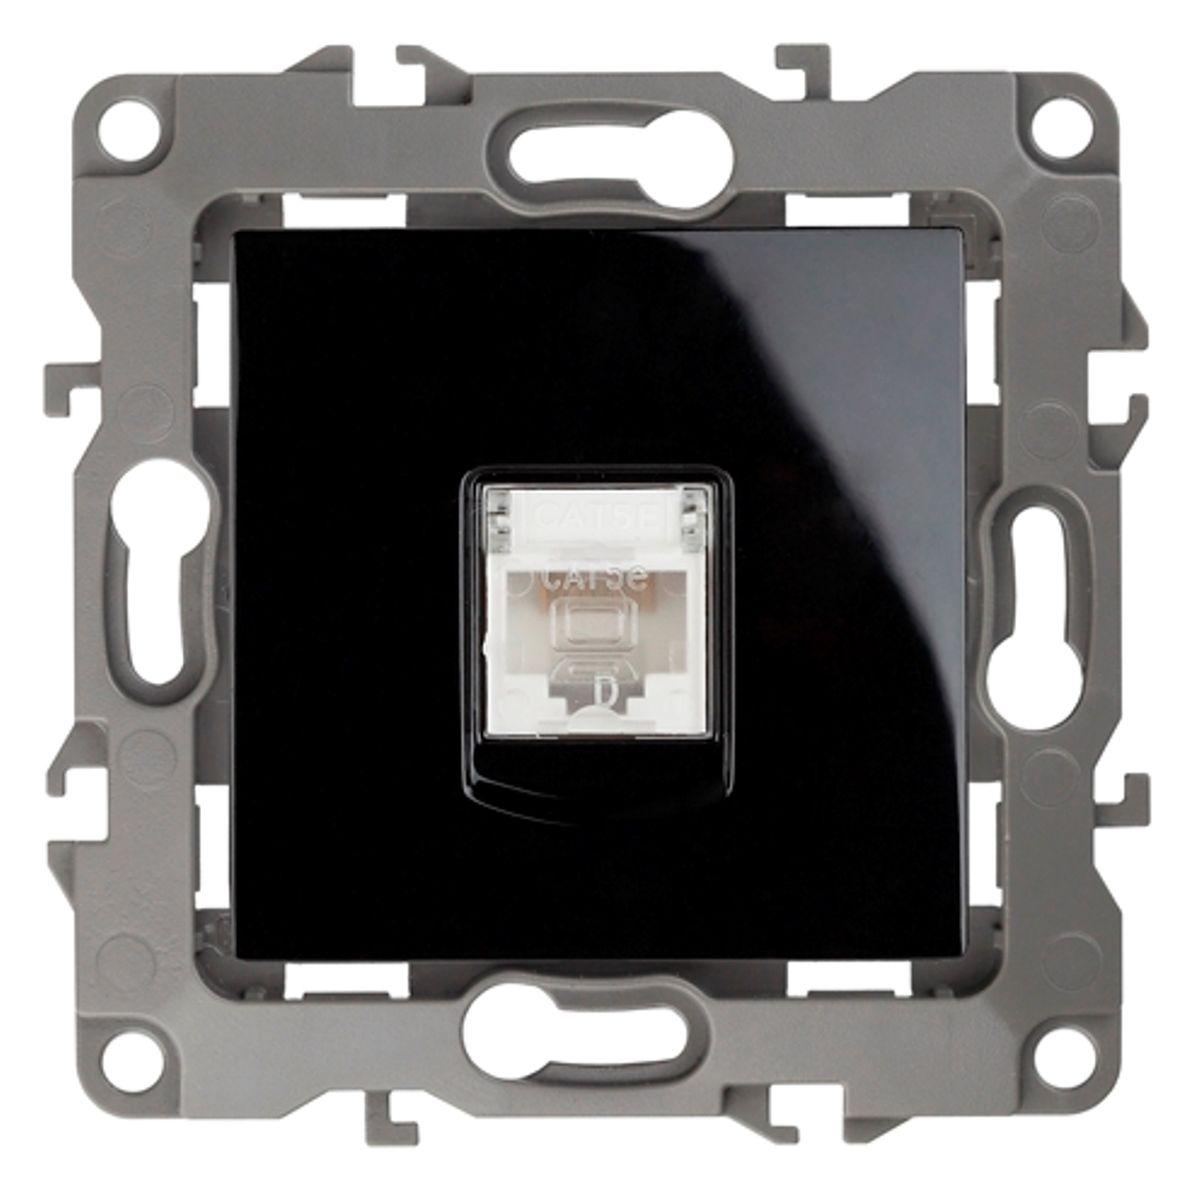 Розетка информационная Эра, цвет: черный12-3107-06Информационная розетка Эра скрытой установки, категории 5е, имеет бронзовые контакты, фиксаторы модулей и защитную крышку. Предназначена для установки в телекоммуникационных сетях и служит для подключения к локальным сетям, сети интернет и для подсоединения внешних устройств (телефон, факс и прочее). Автоматические зажимы кабеля обеспечивают быстрый и надежный монтаж изделия к электросети без отвертки и не требуют обслуживания в отличие от винтовых зажимов.